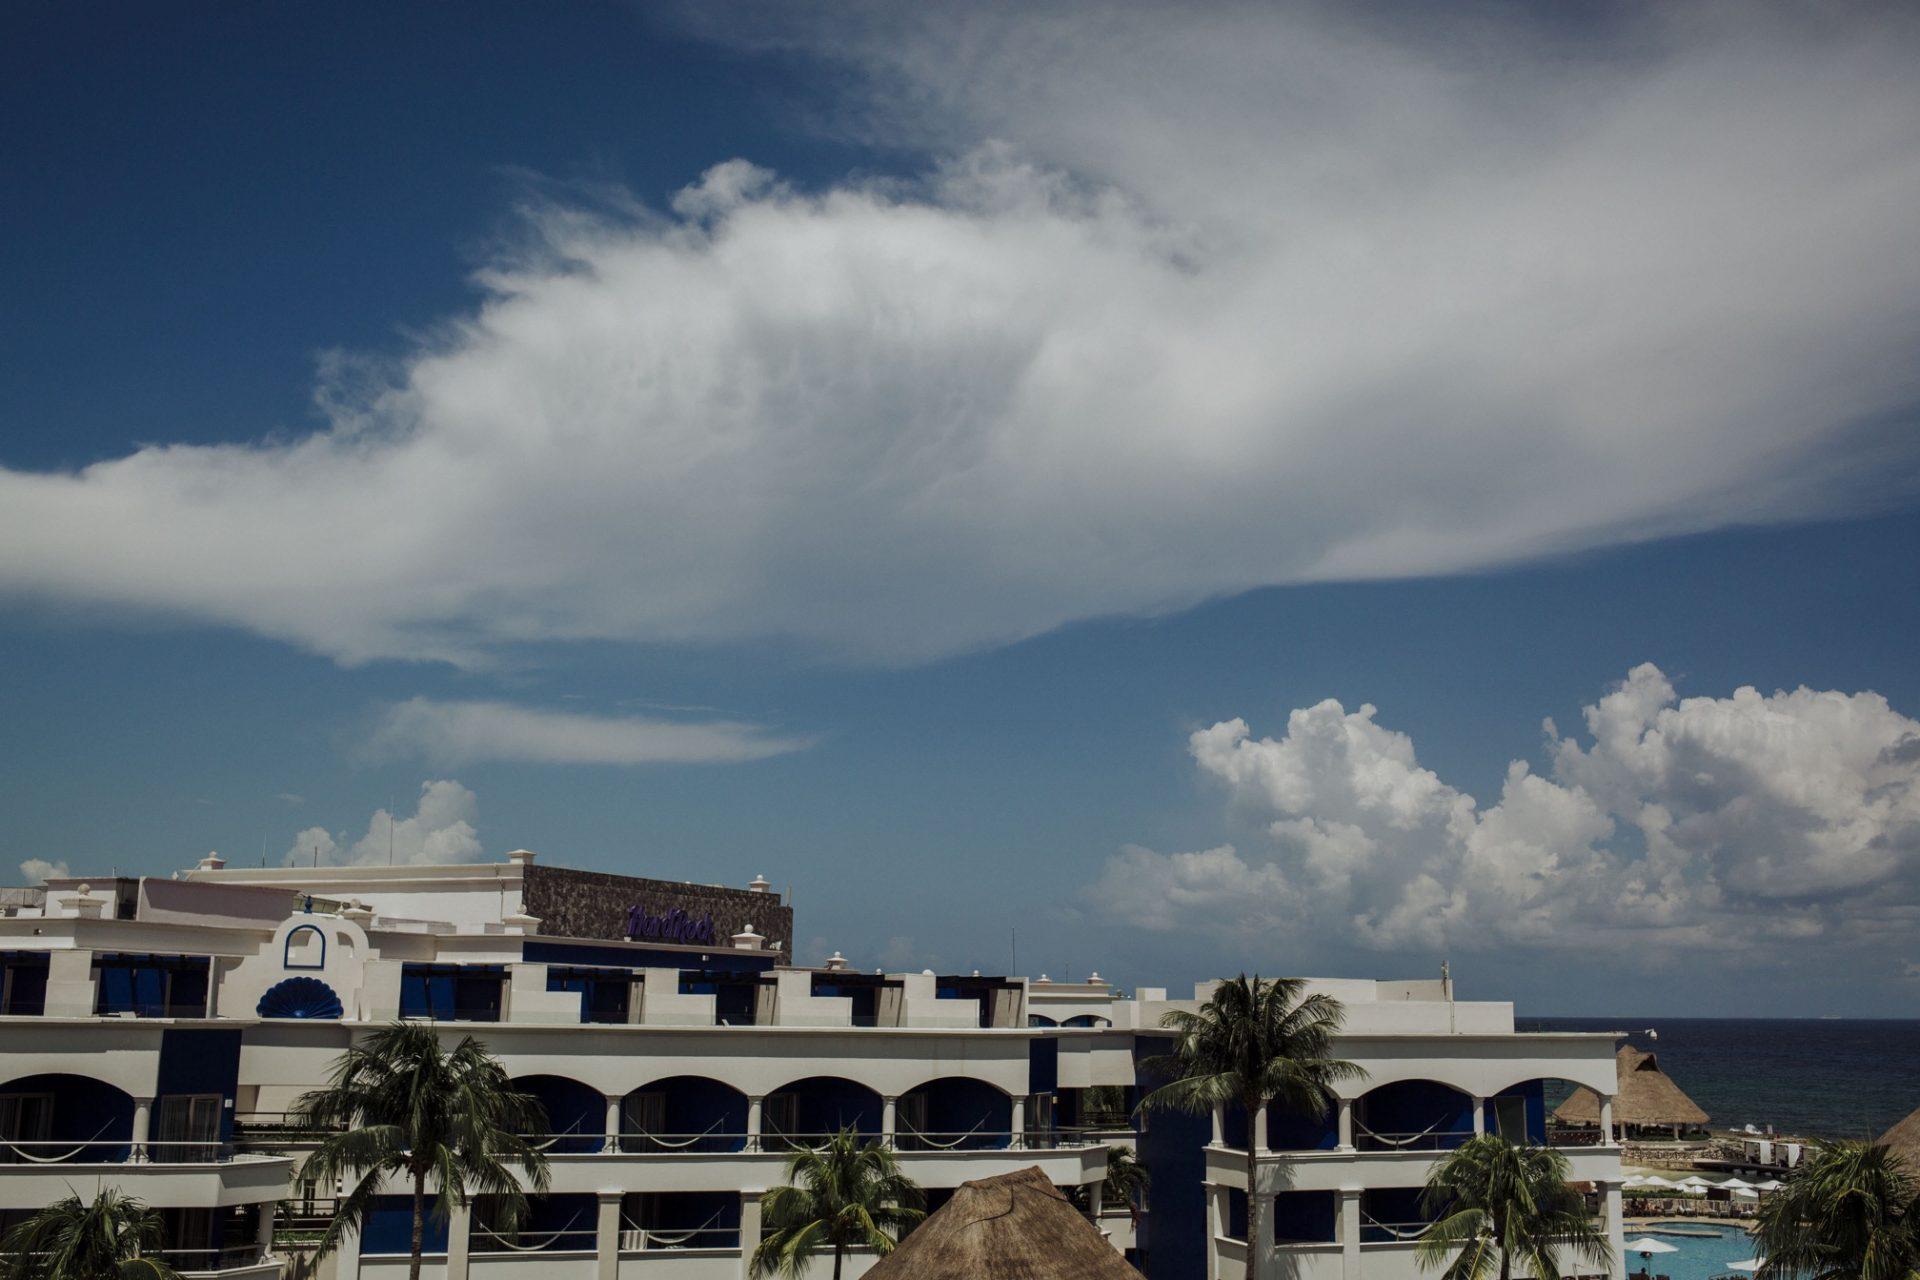 fotografo_bodas_profesional_zacatecas_riviera_maya_cancun-187